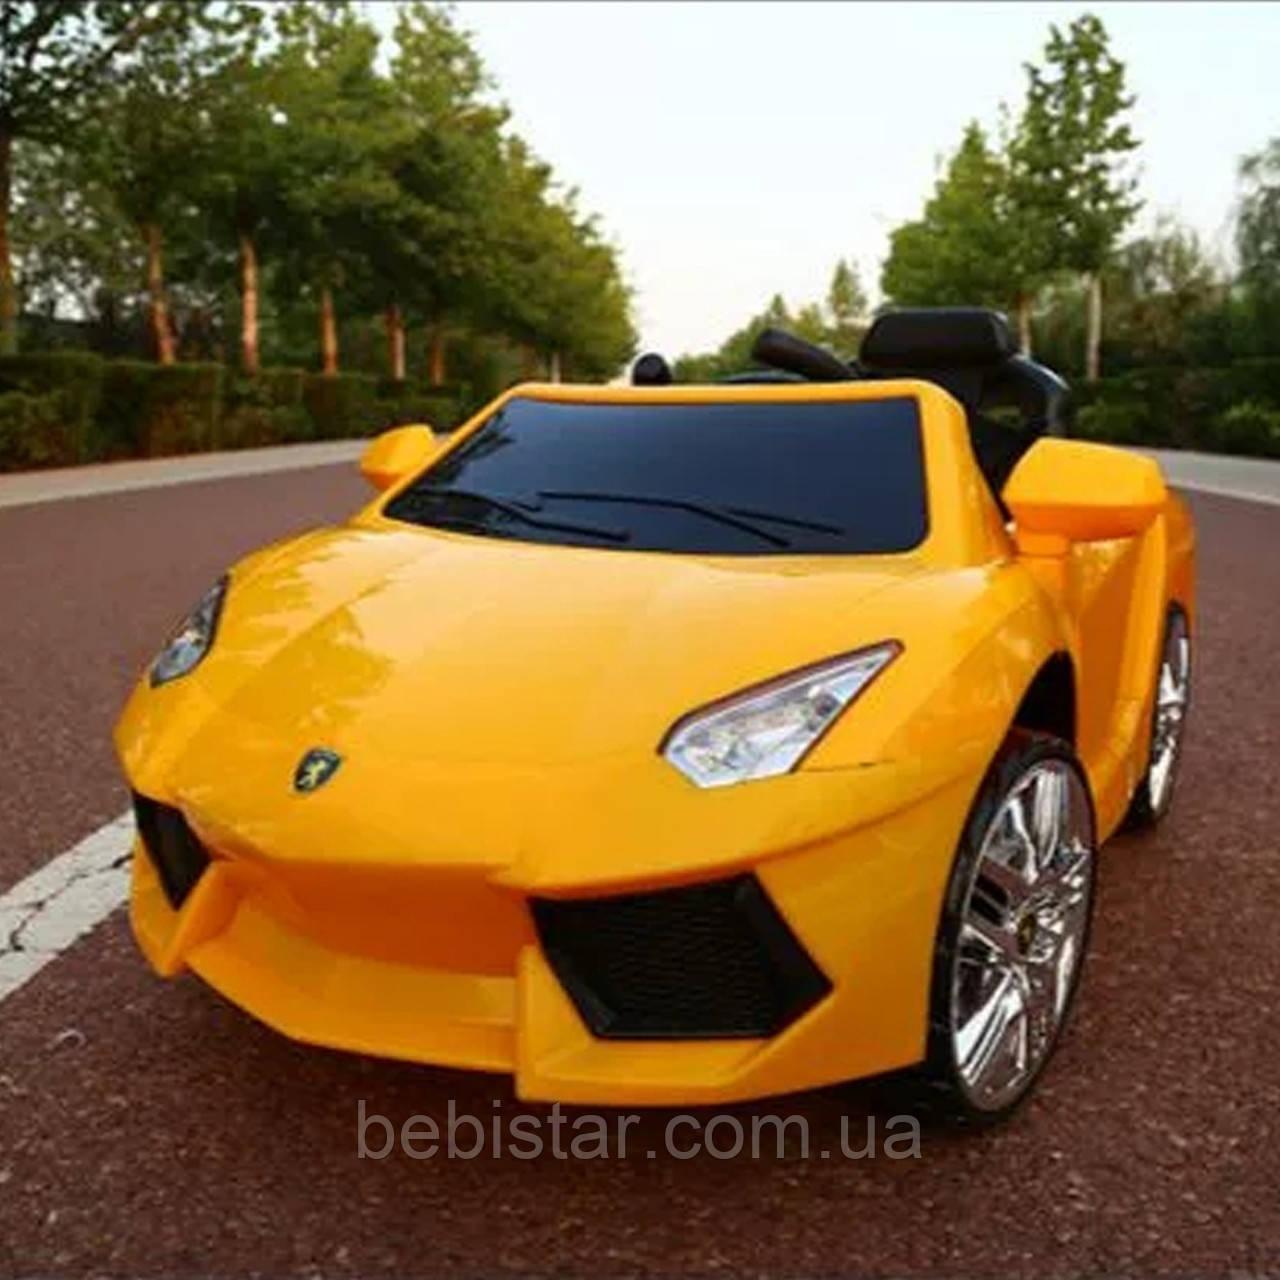 Детский электоромобиль суперкар желтый колеса EVA для 3-8 лет с пультом мотор 2*20W аккумулятор 2*6V4.5AH